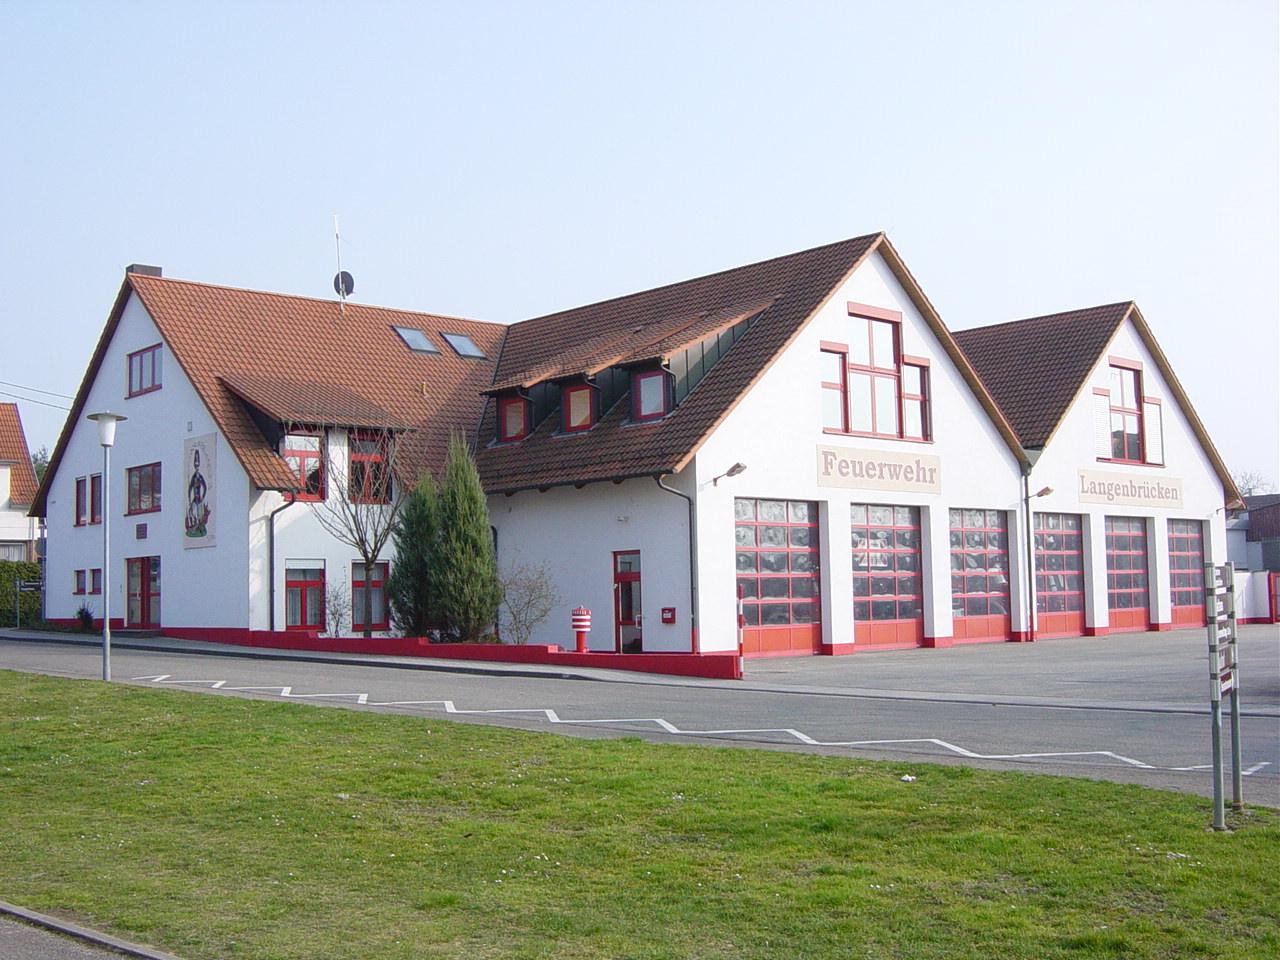 Geraetehaus_LA